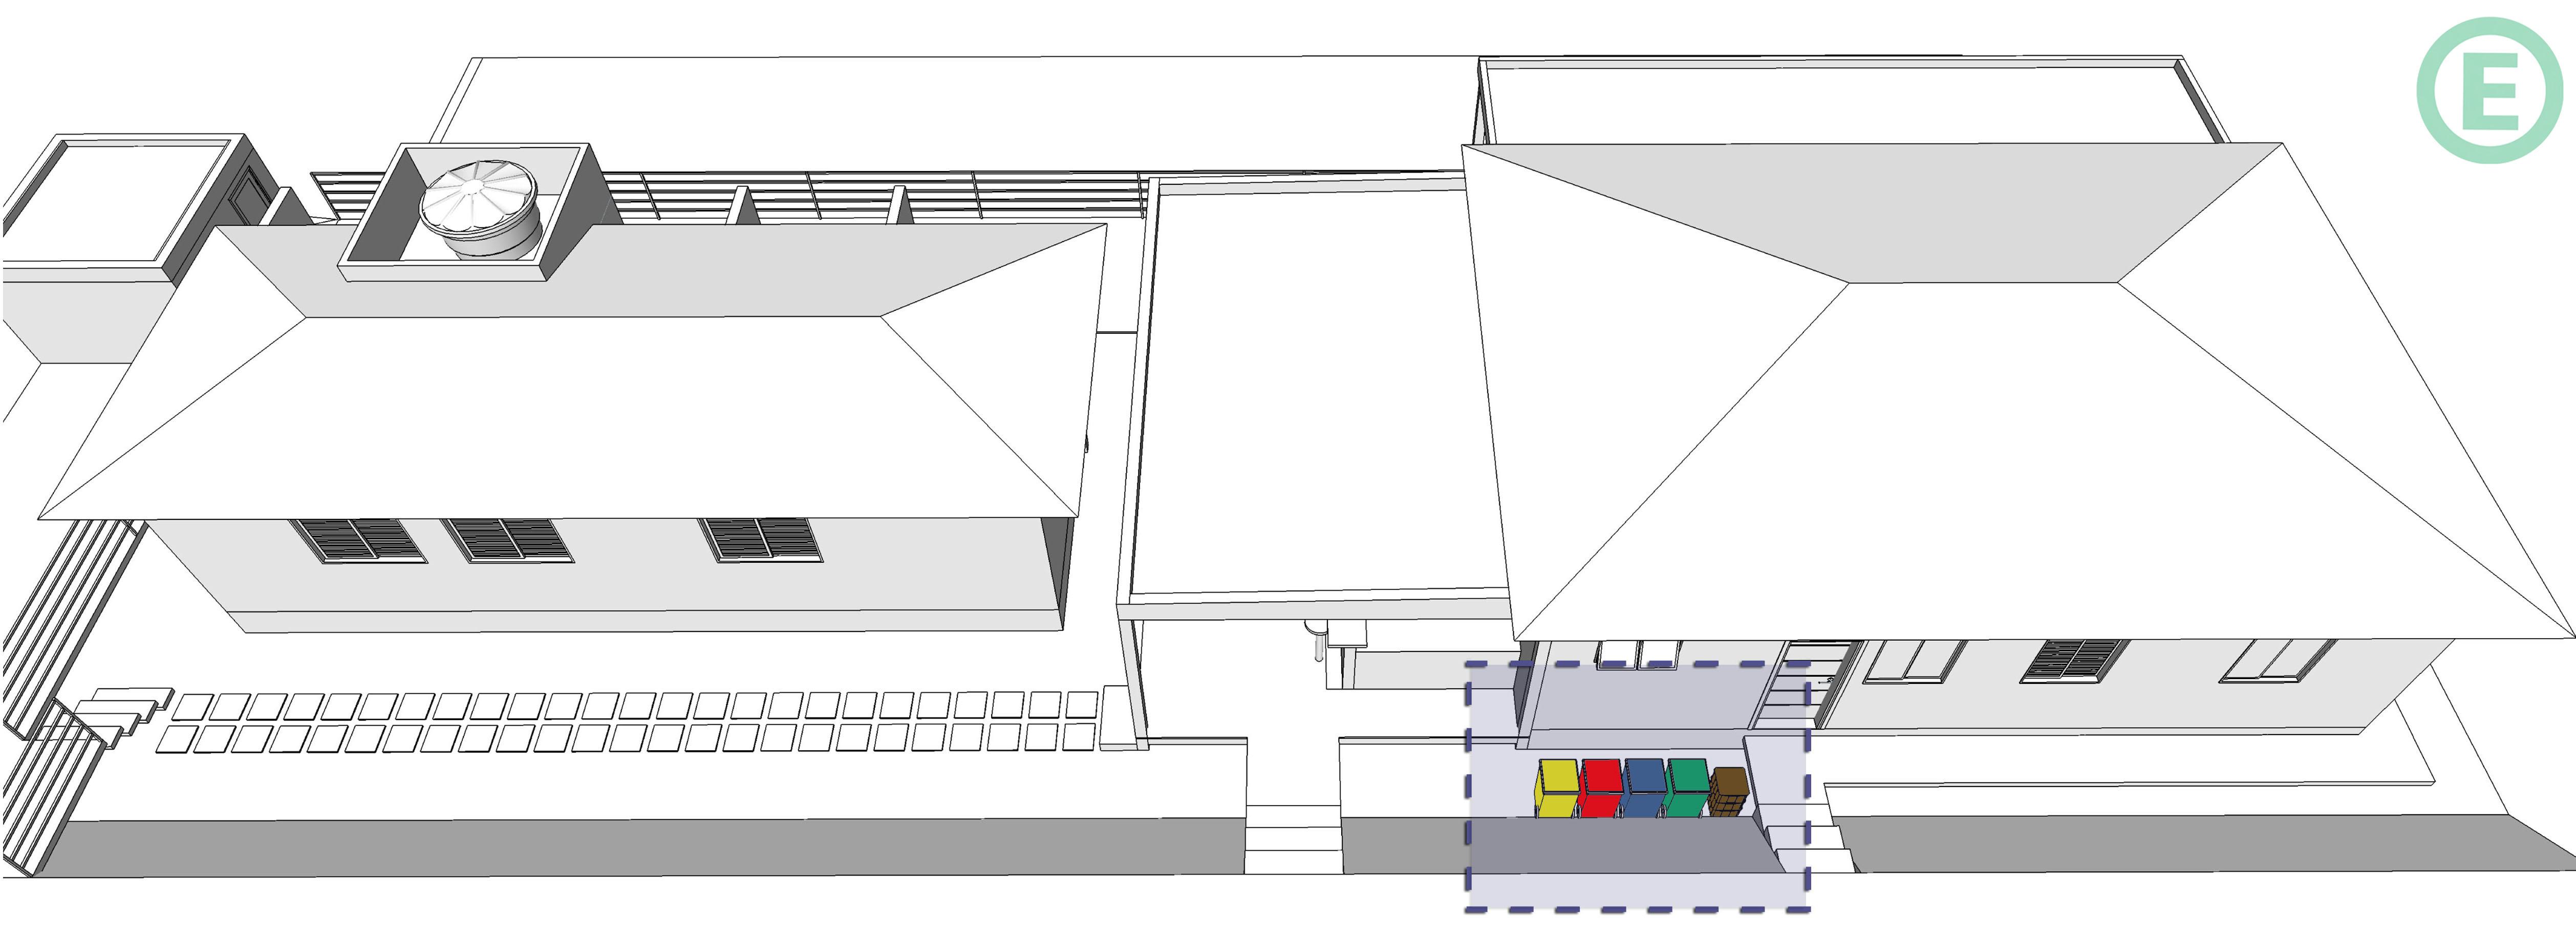 arquitetura-sustentavel-reciclagem